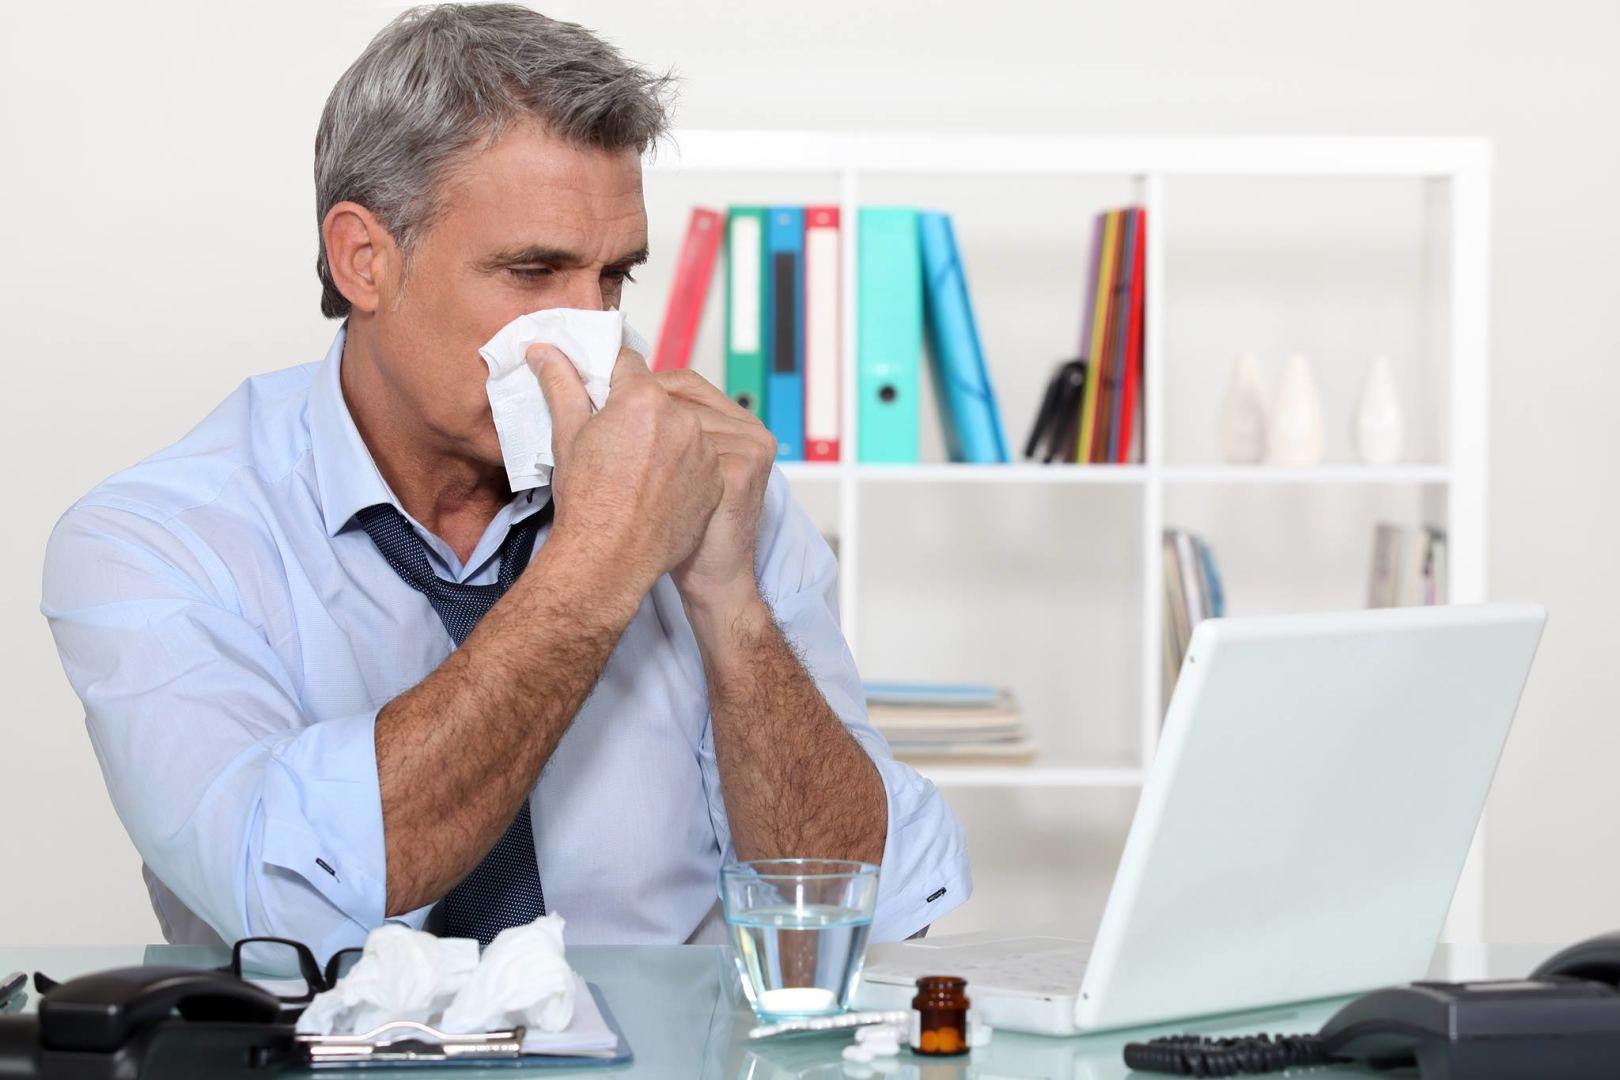 Telemedicina, prestación para reducir ausentismo laboral